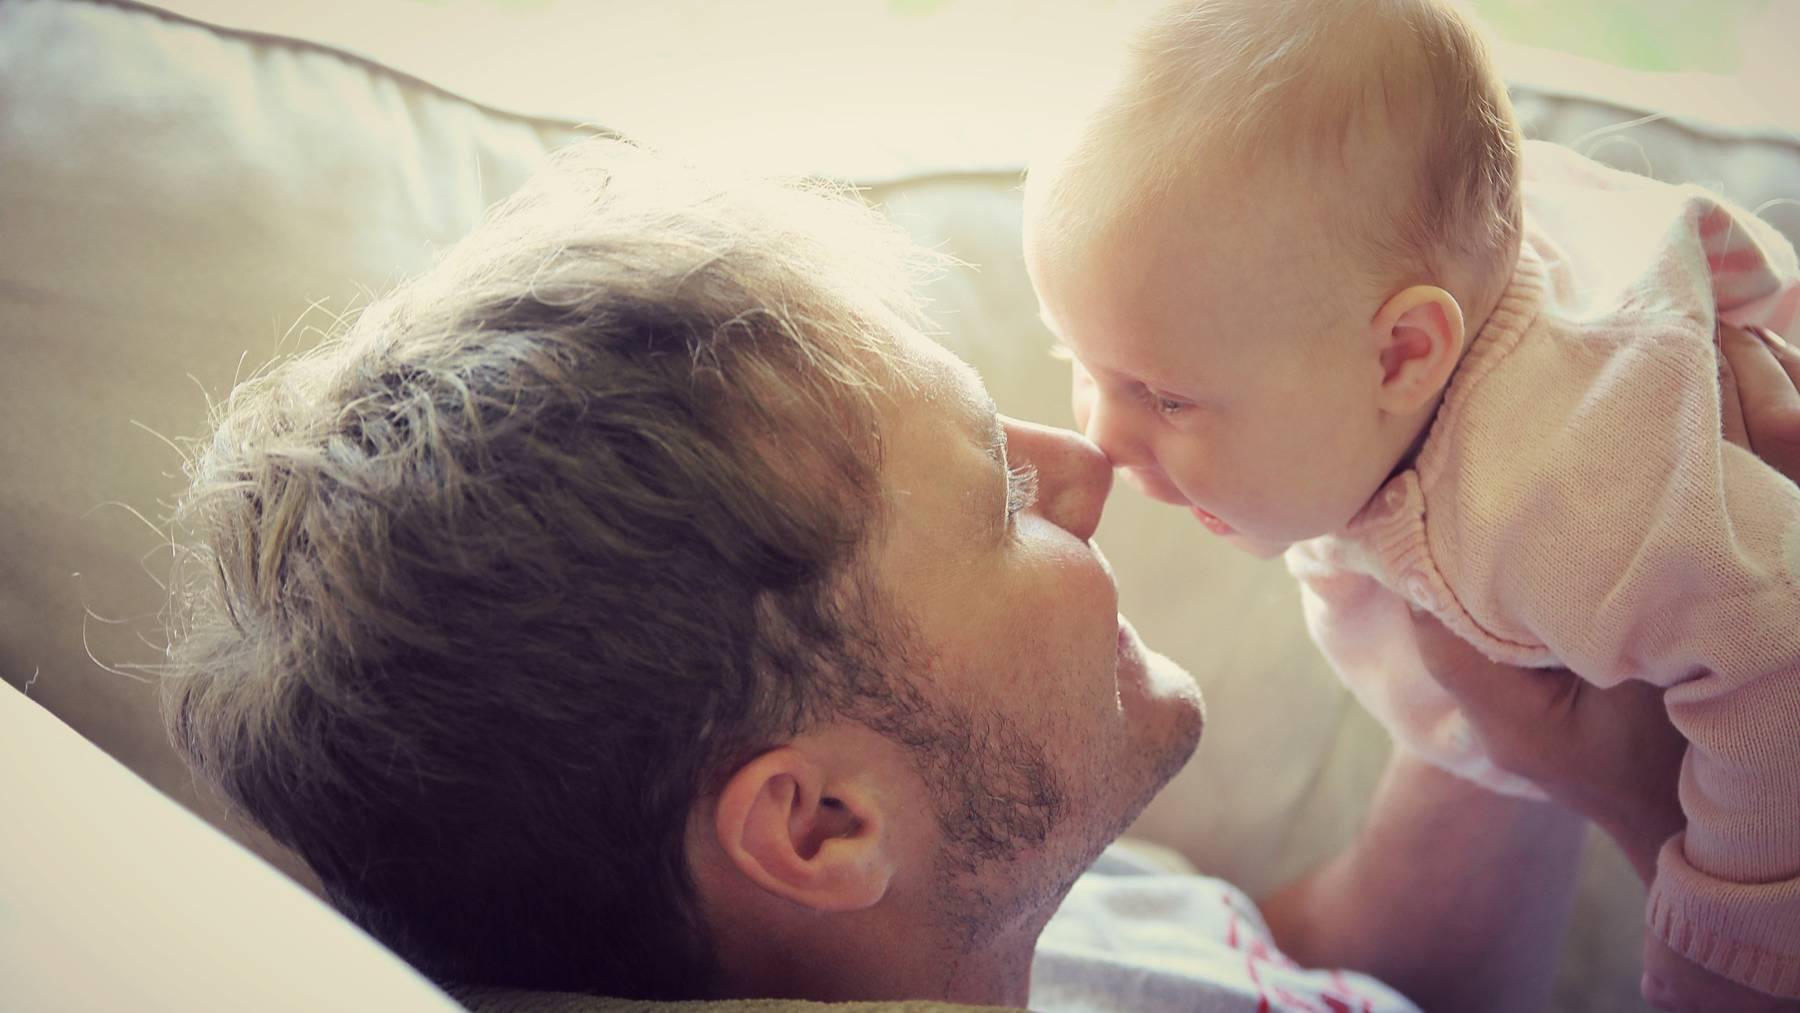 Die Mehrheit des Volkes möchte einen gesetzlich geregelten Vaterschaftsurlaub.